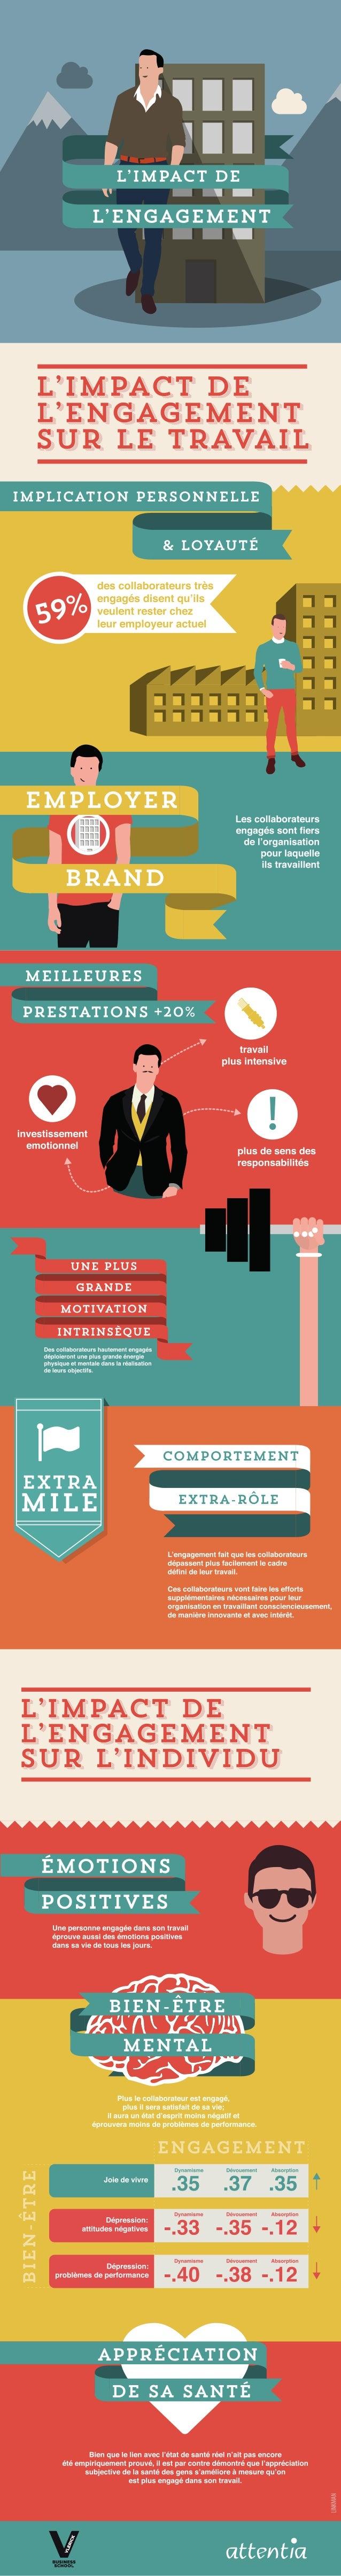 L'impact d'engagement